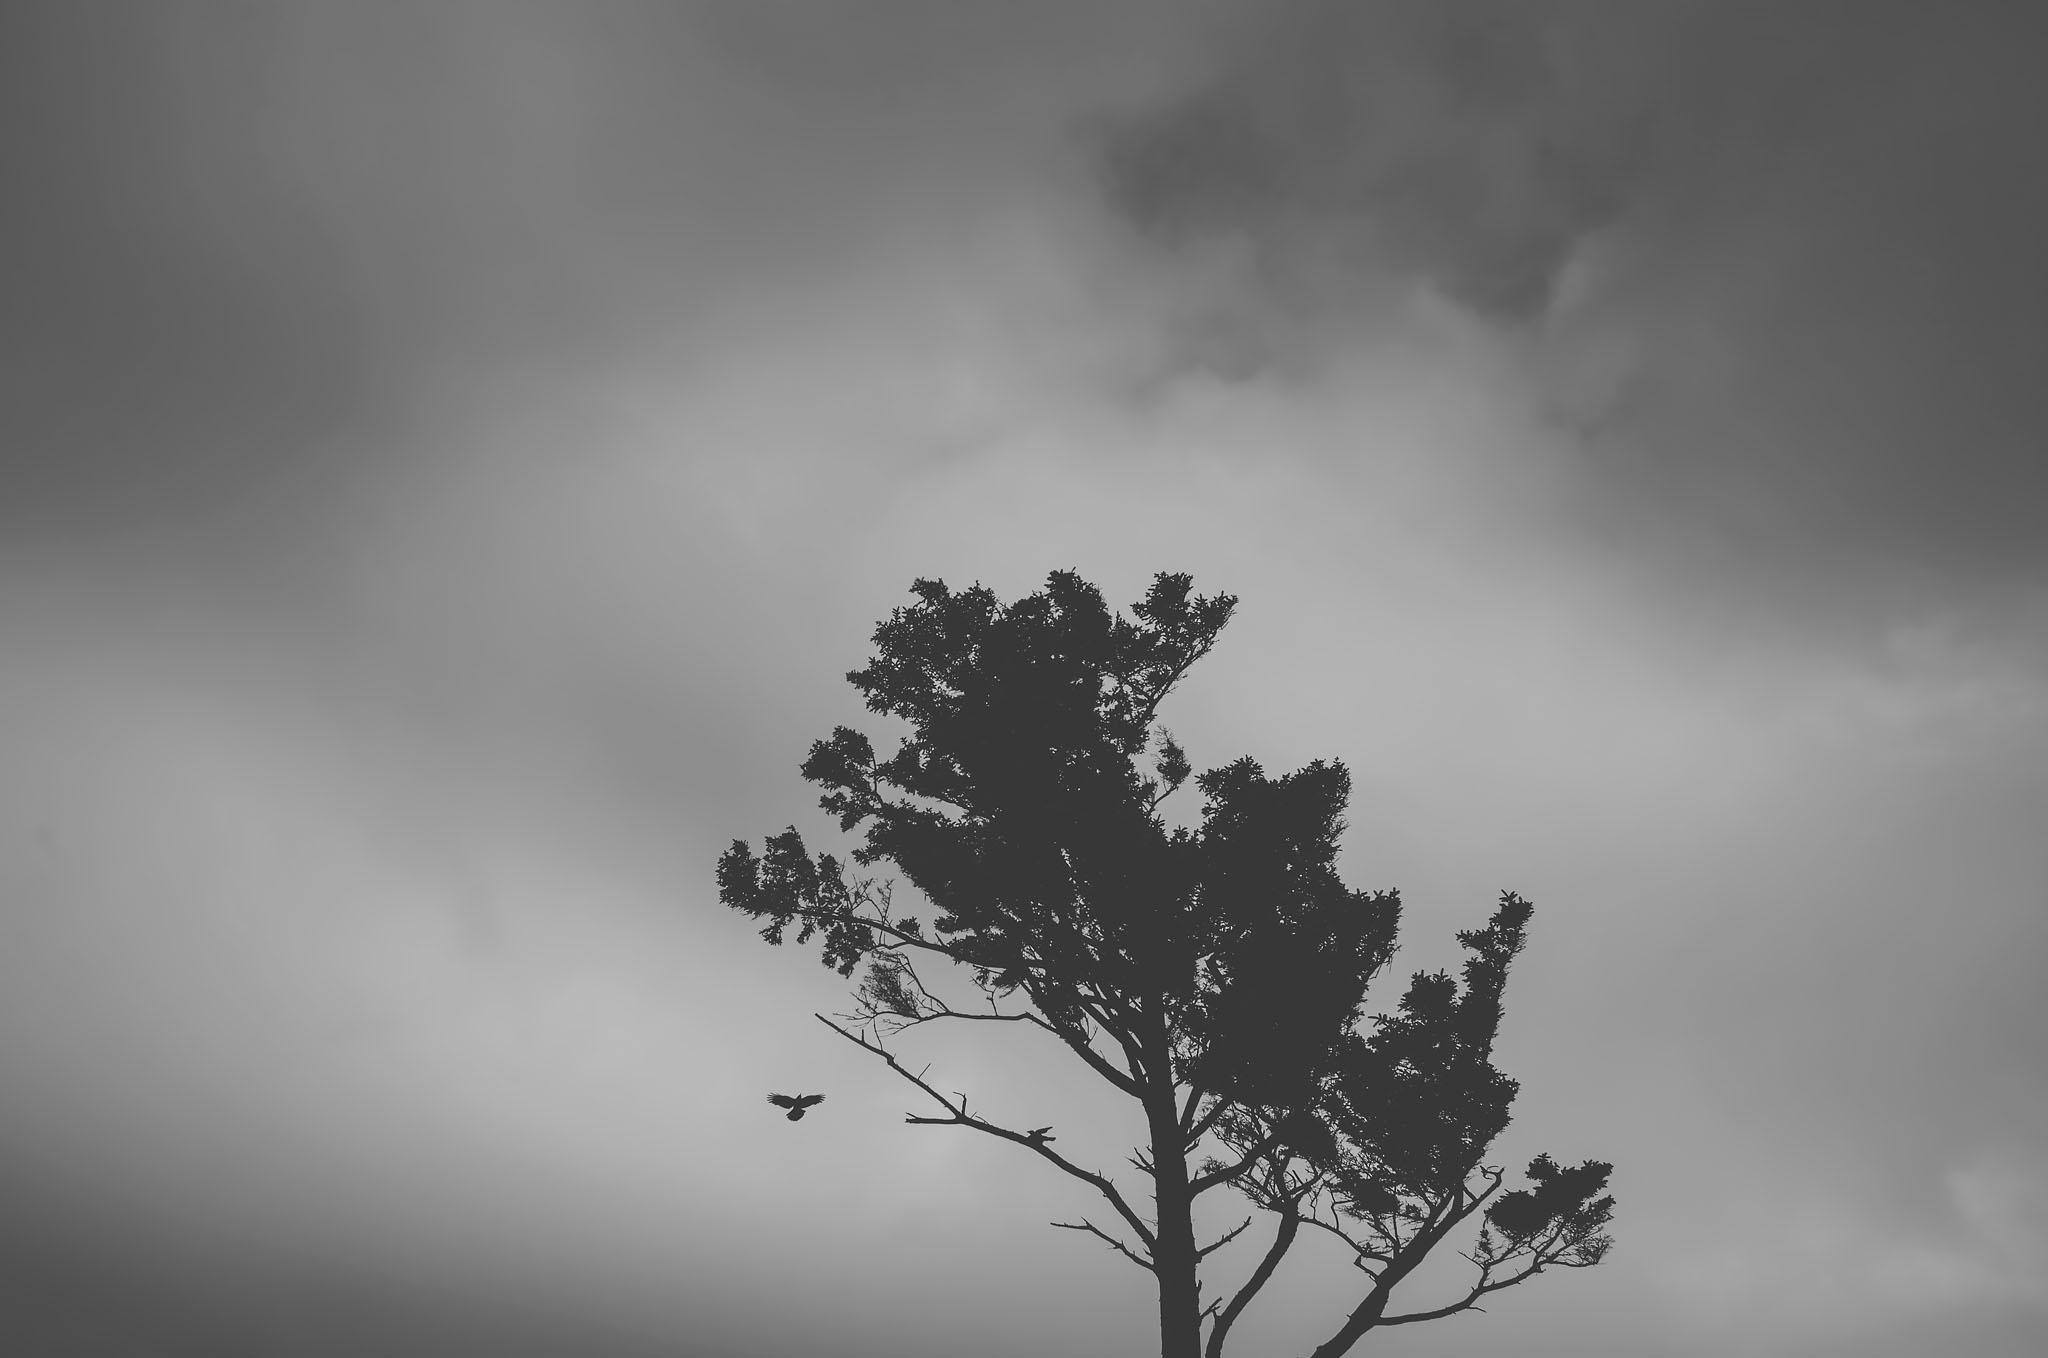 oregon coast, black and white, travel photographer, jennifer picard photography